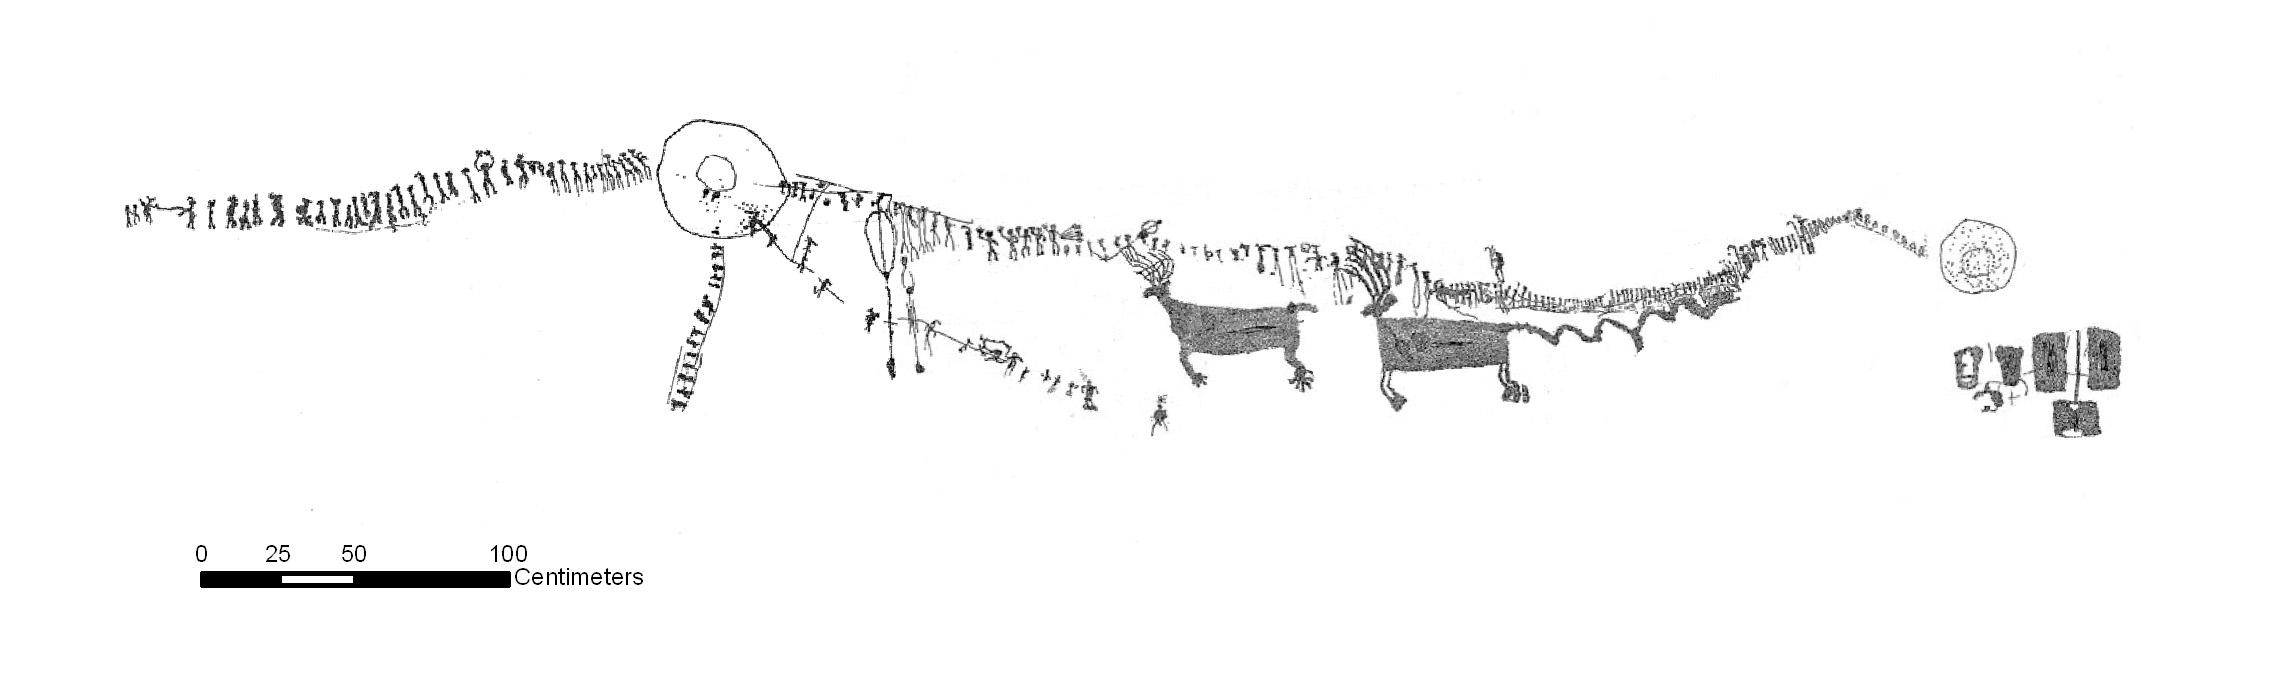 Crucible of Pueblos rock art